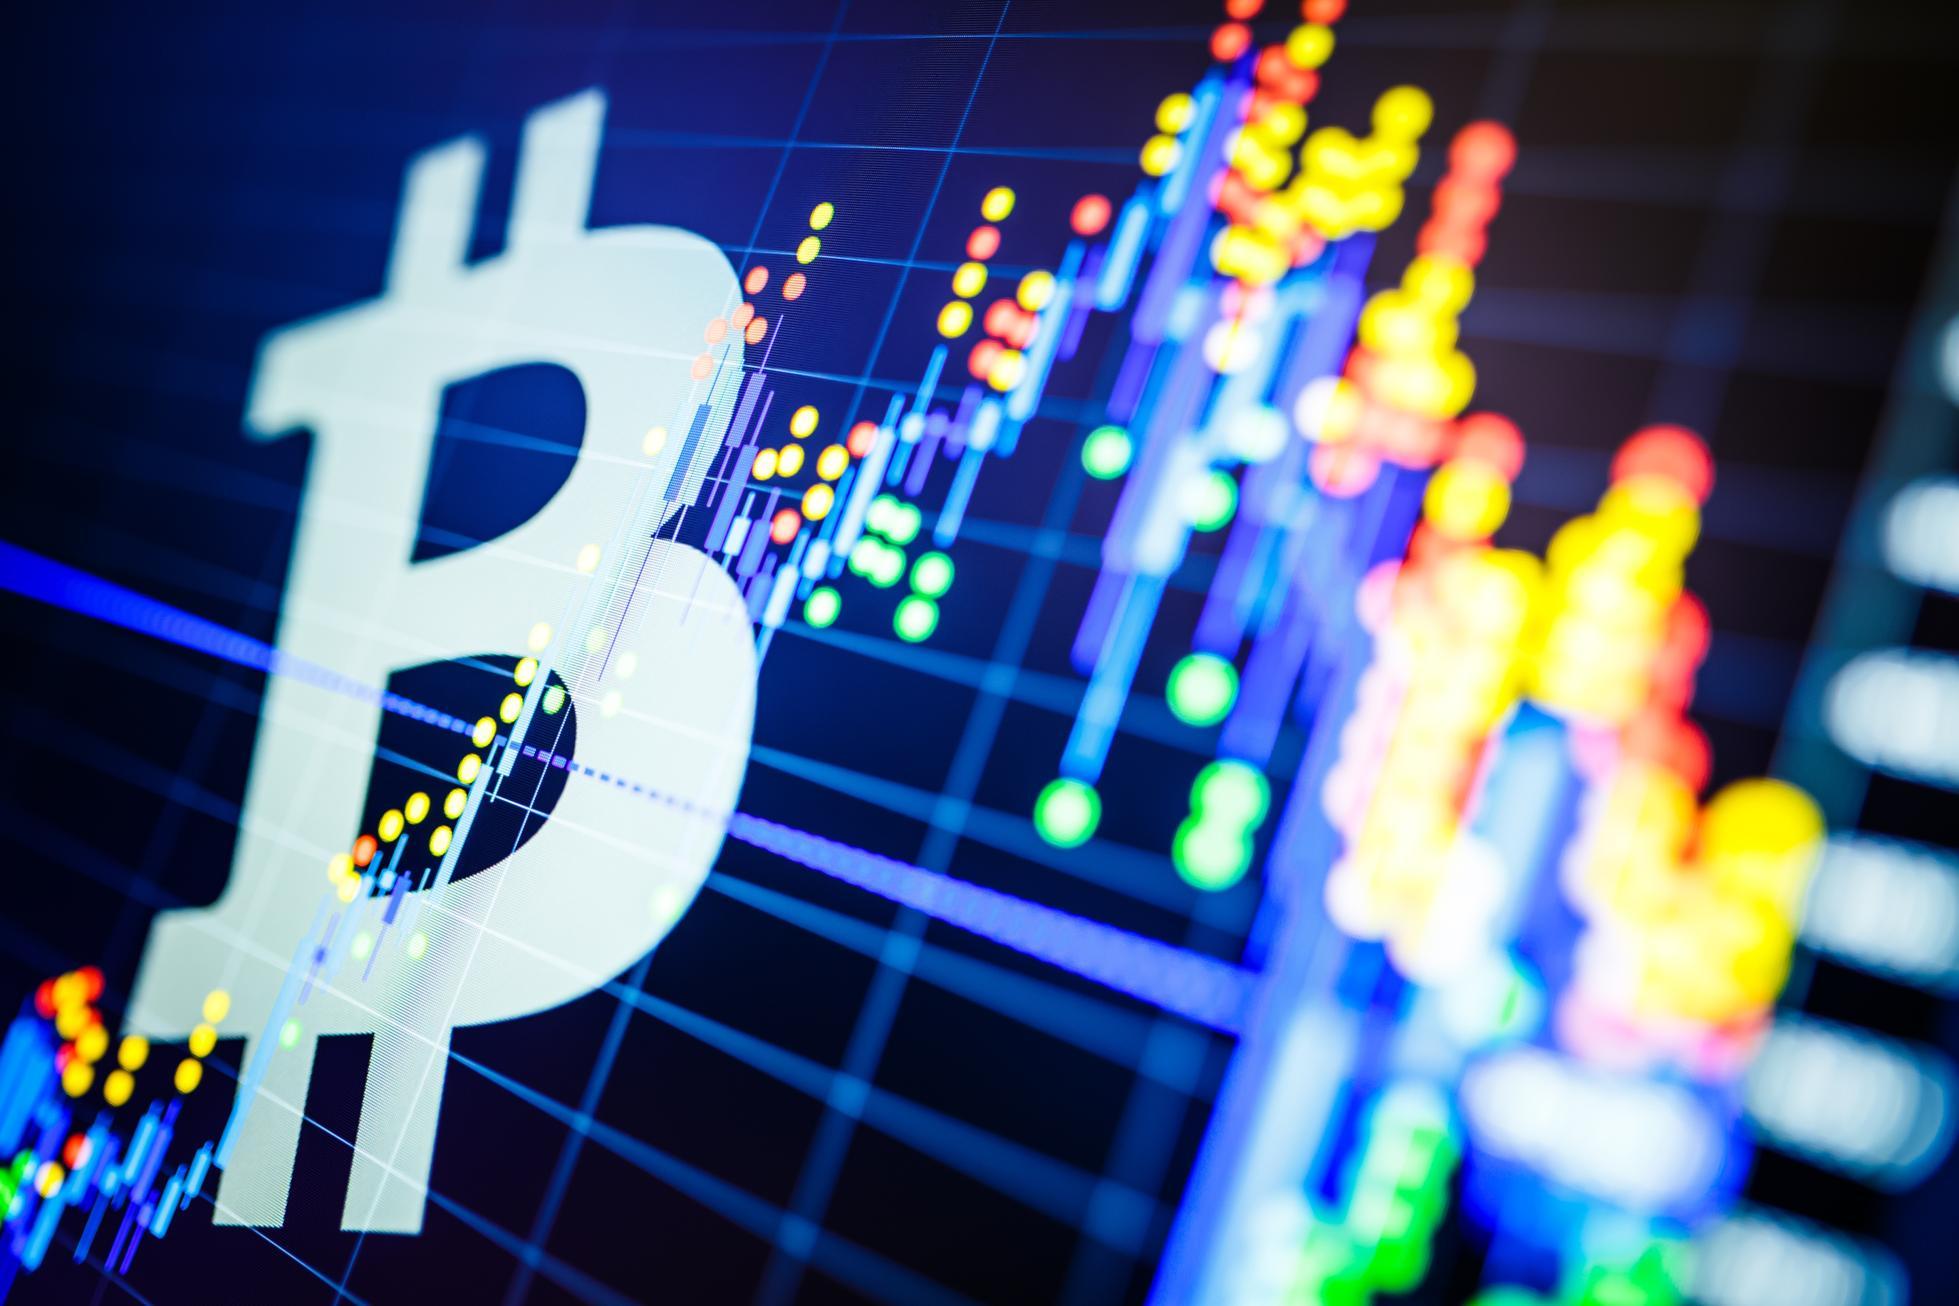 Analisis data di pasar saham bursa: karakter lilin dipajang. Harga Analytics mengubah cryptocurrency BTC menjadi USD (Bitcoin / US Dollar), pasangan paling populer di dunia. Logo Bitcoin Besar.